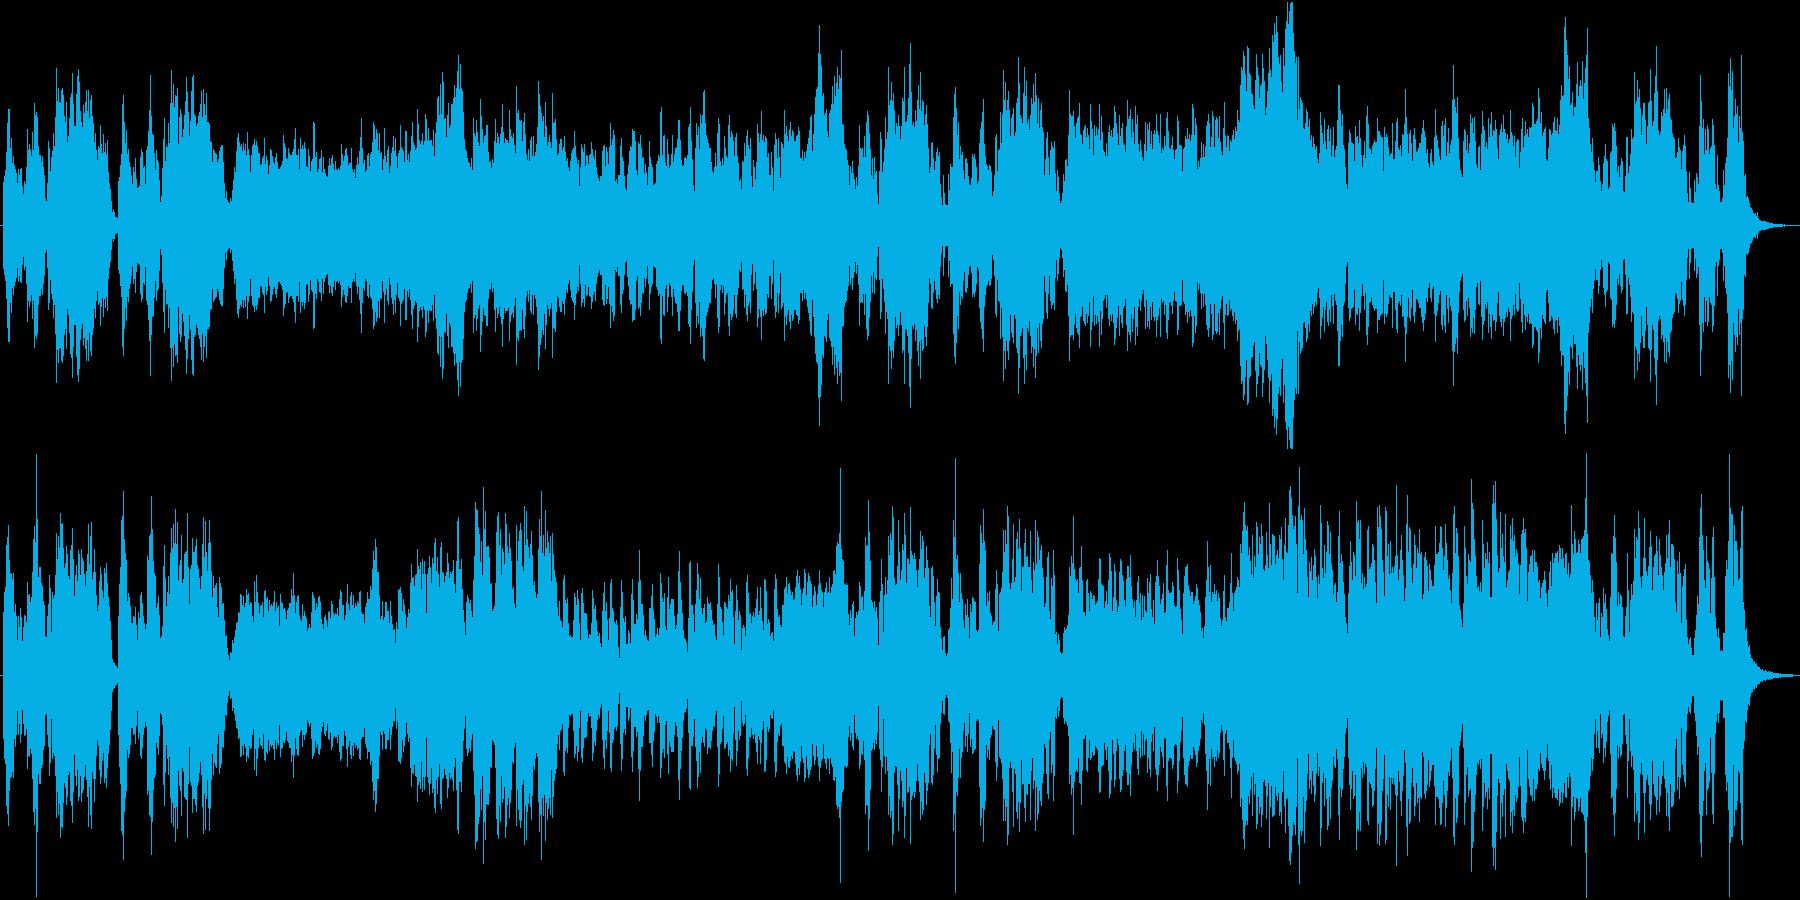 エレルギッシュで颯爽としたオーケストラの再生済みの波形